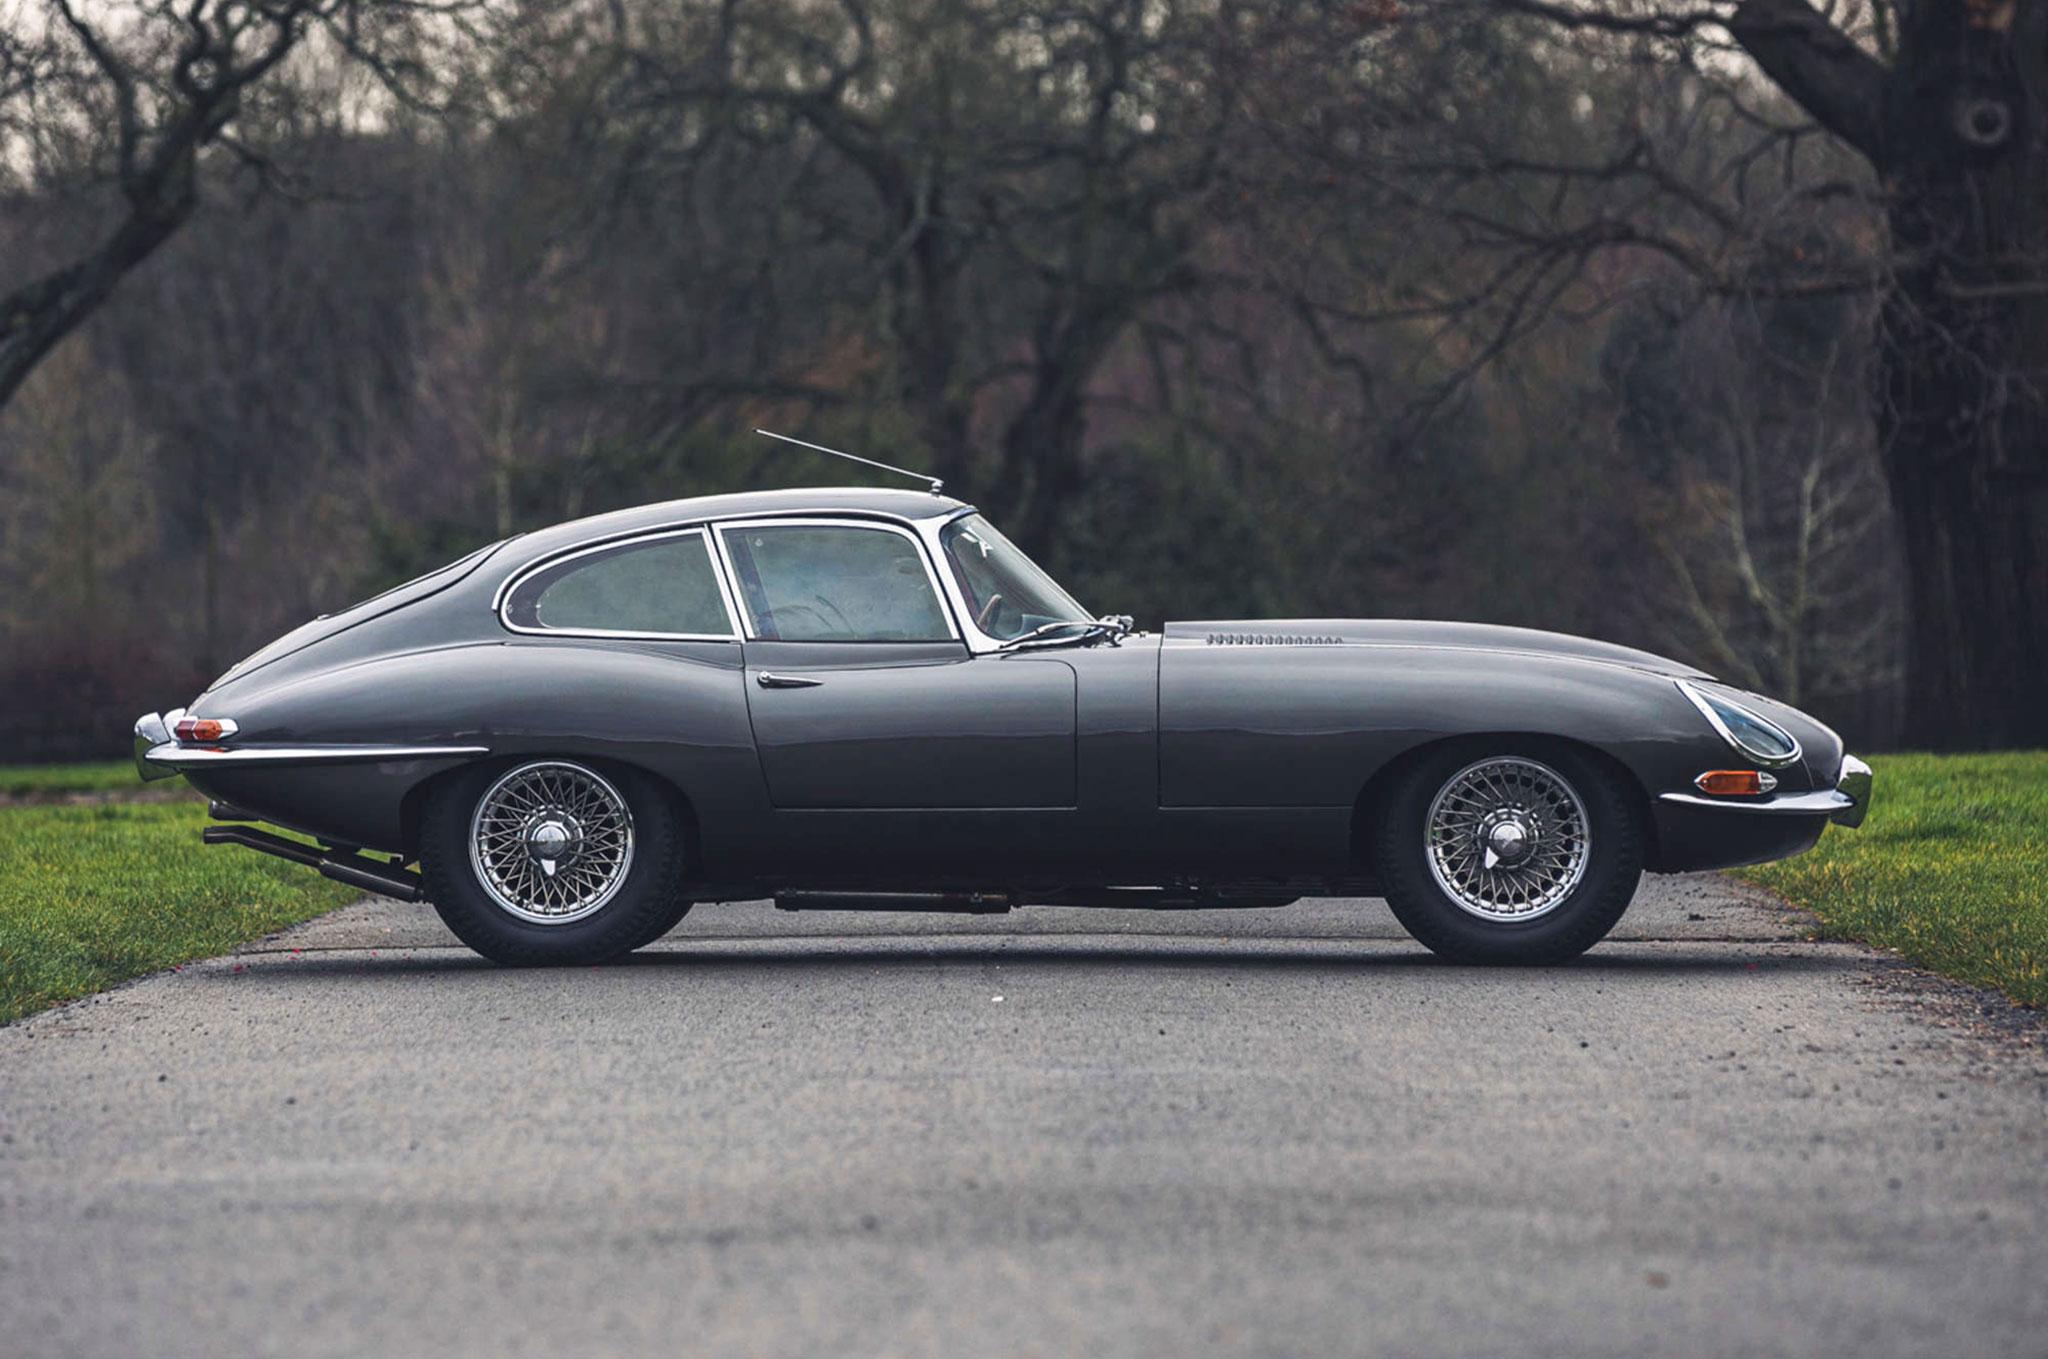 1961 Jaguar E-Type 3.8 Series 1 FHC Flat-Floor Chassis N° 60 vue latérale côté. droit